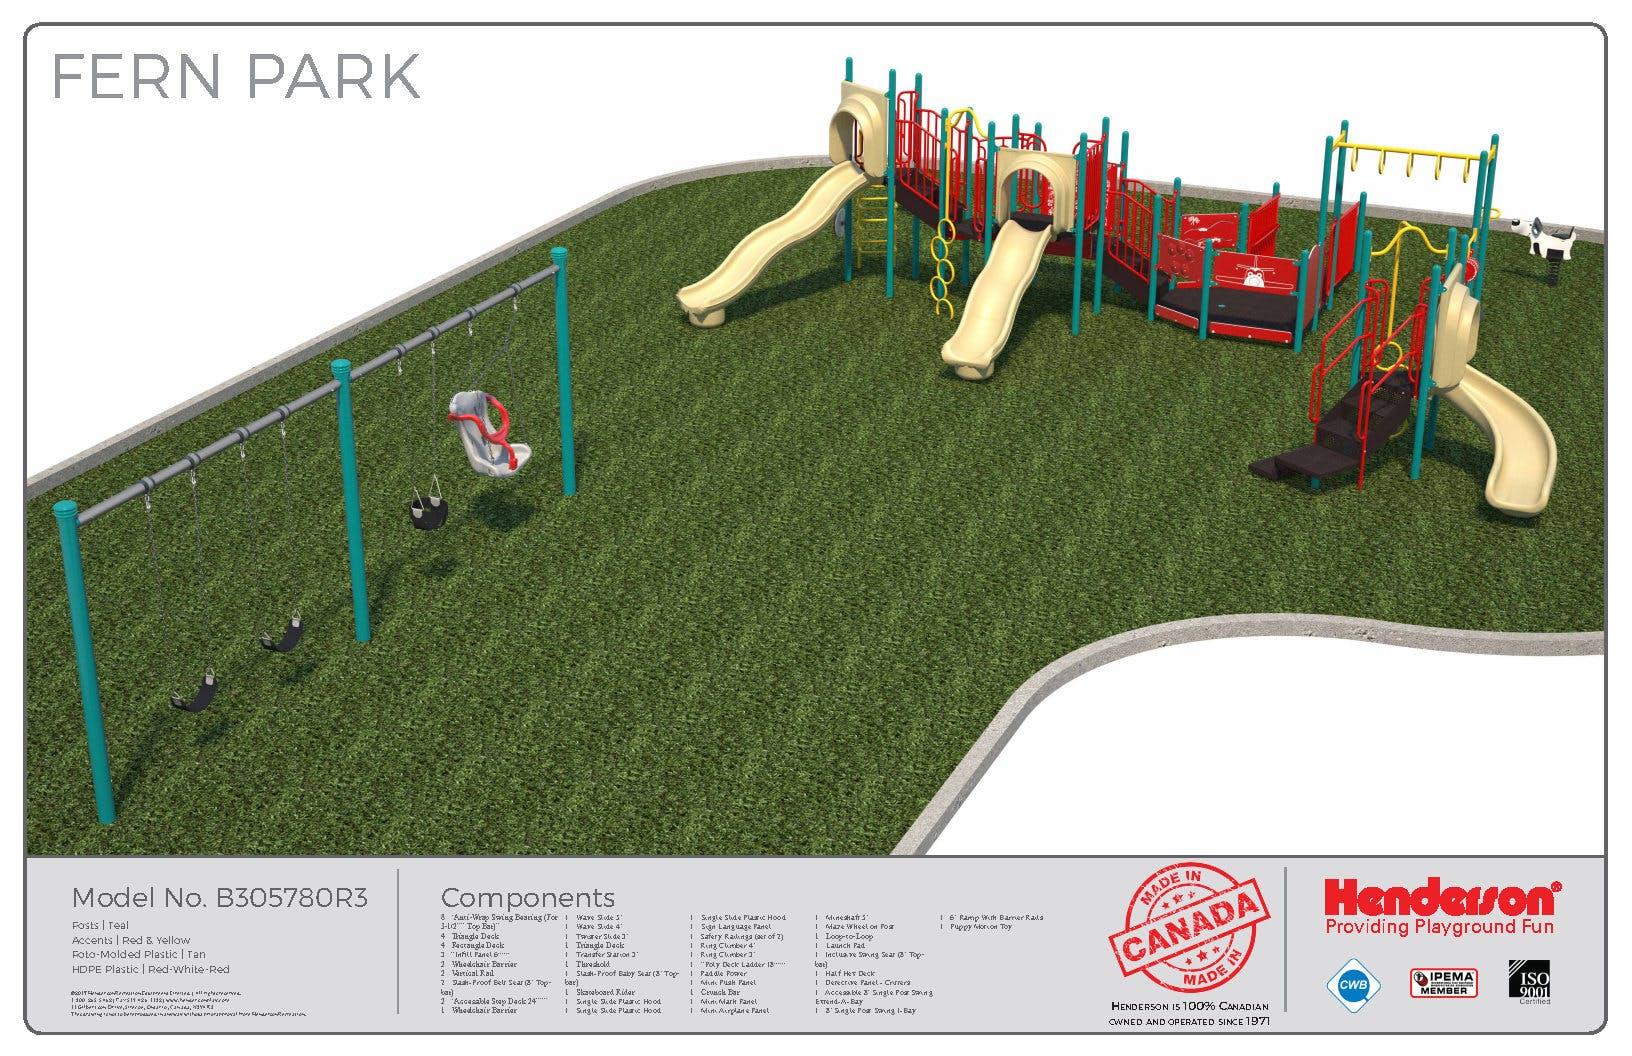 Fern Park Playground Rendering